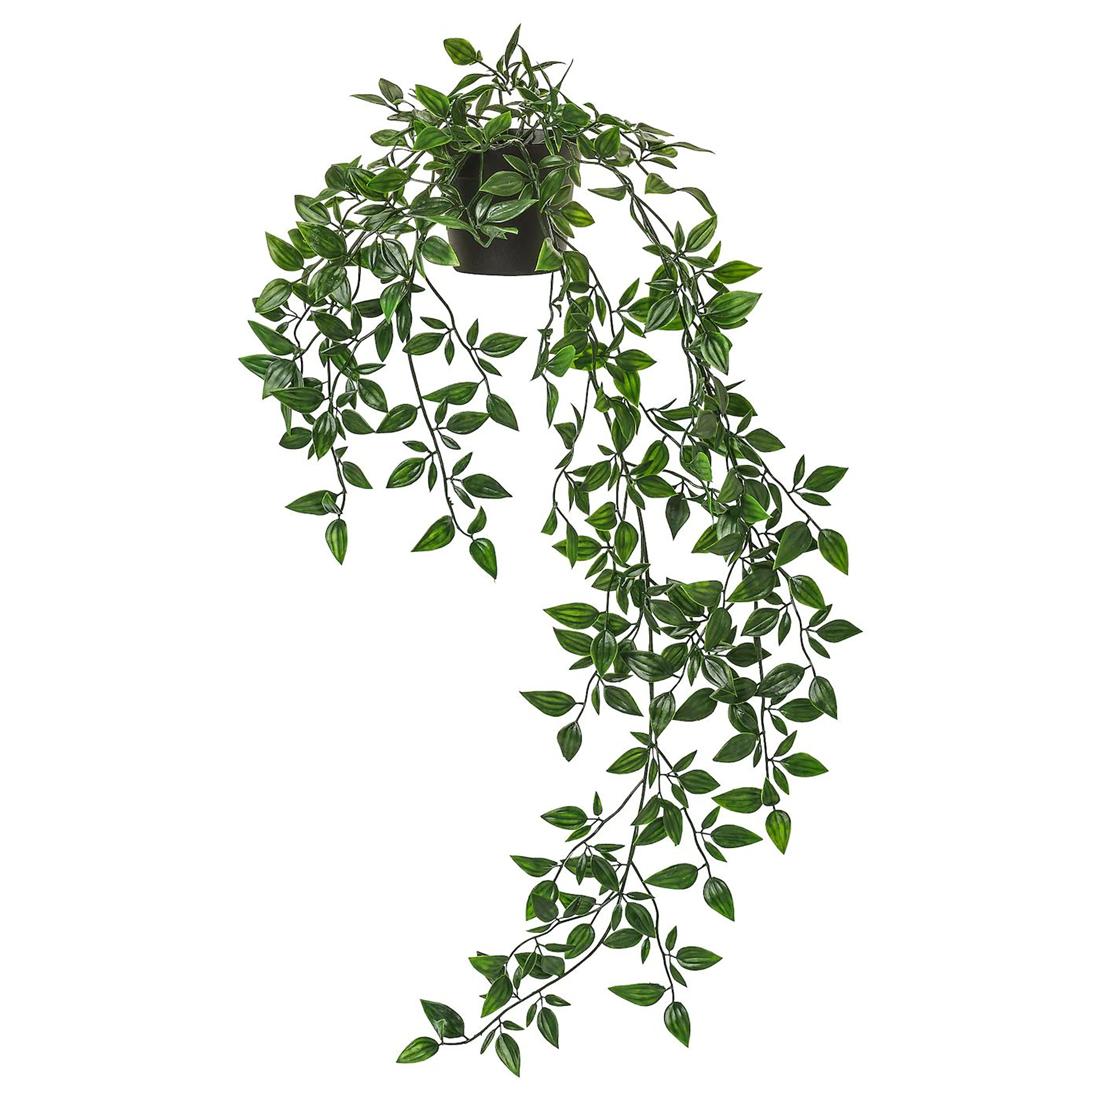 Искусственное растение в горшке, д/дома/улицы, подвесной, 9 см ФЕЙКА [803.495.48] 803.495.48